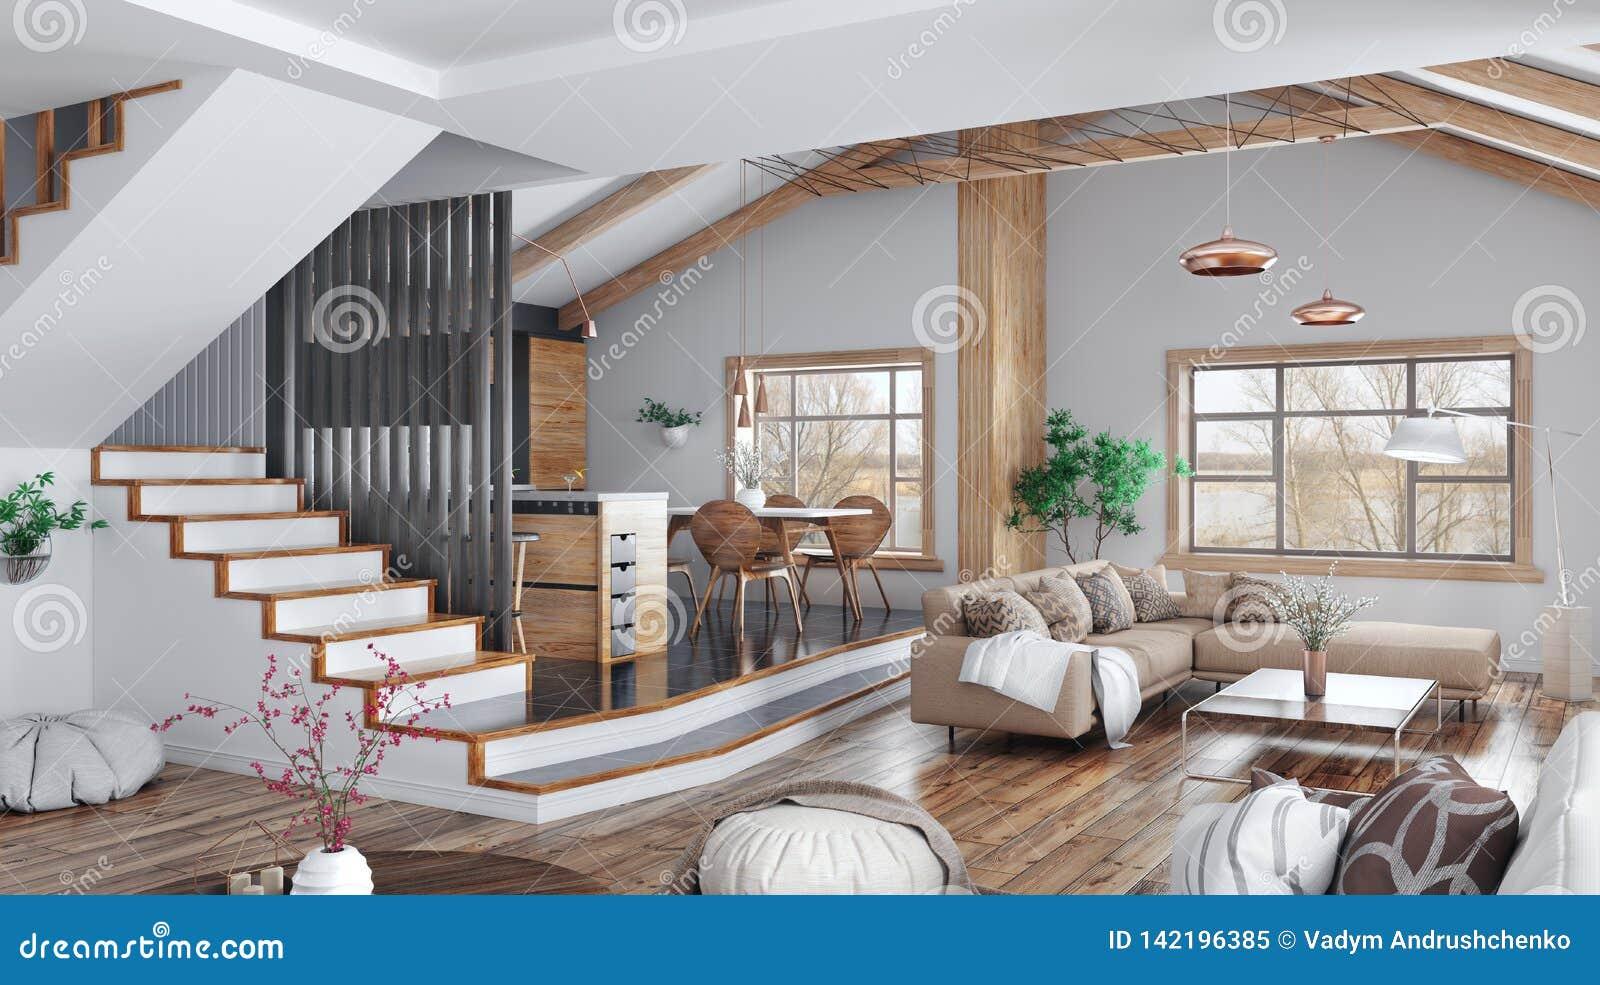 Design de interiores moderno da casa, cozinha, sala de visitas com sofá, rendição da escadaria 3d